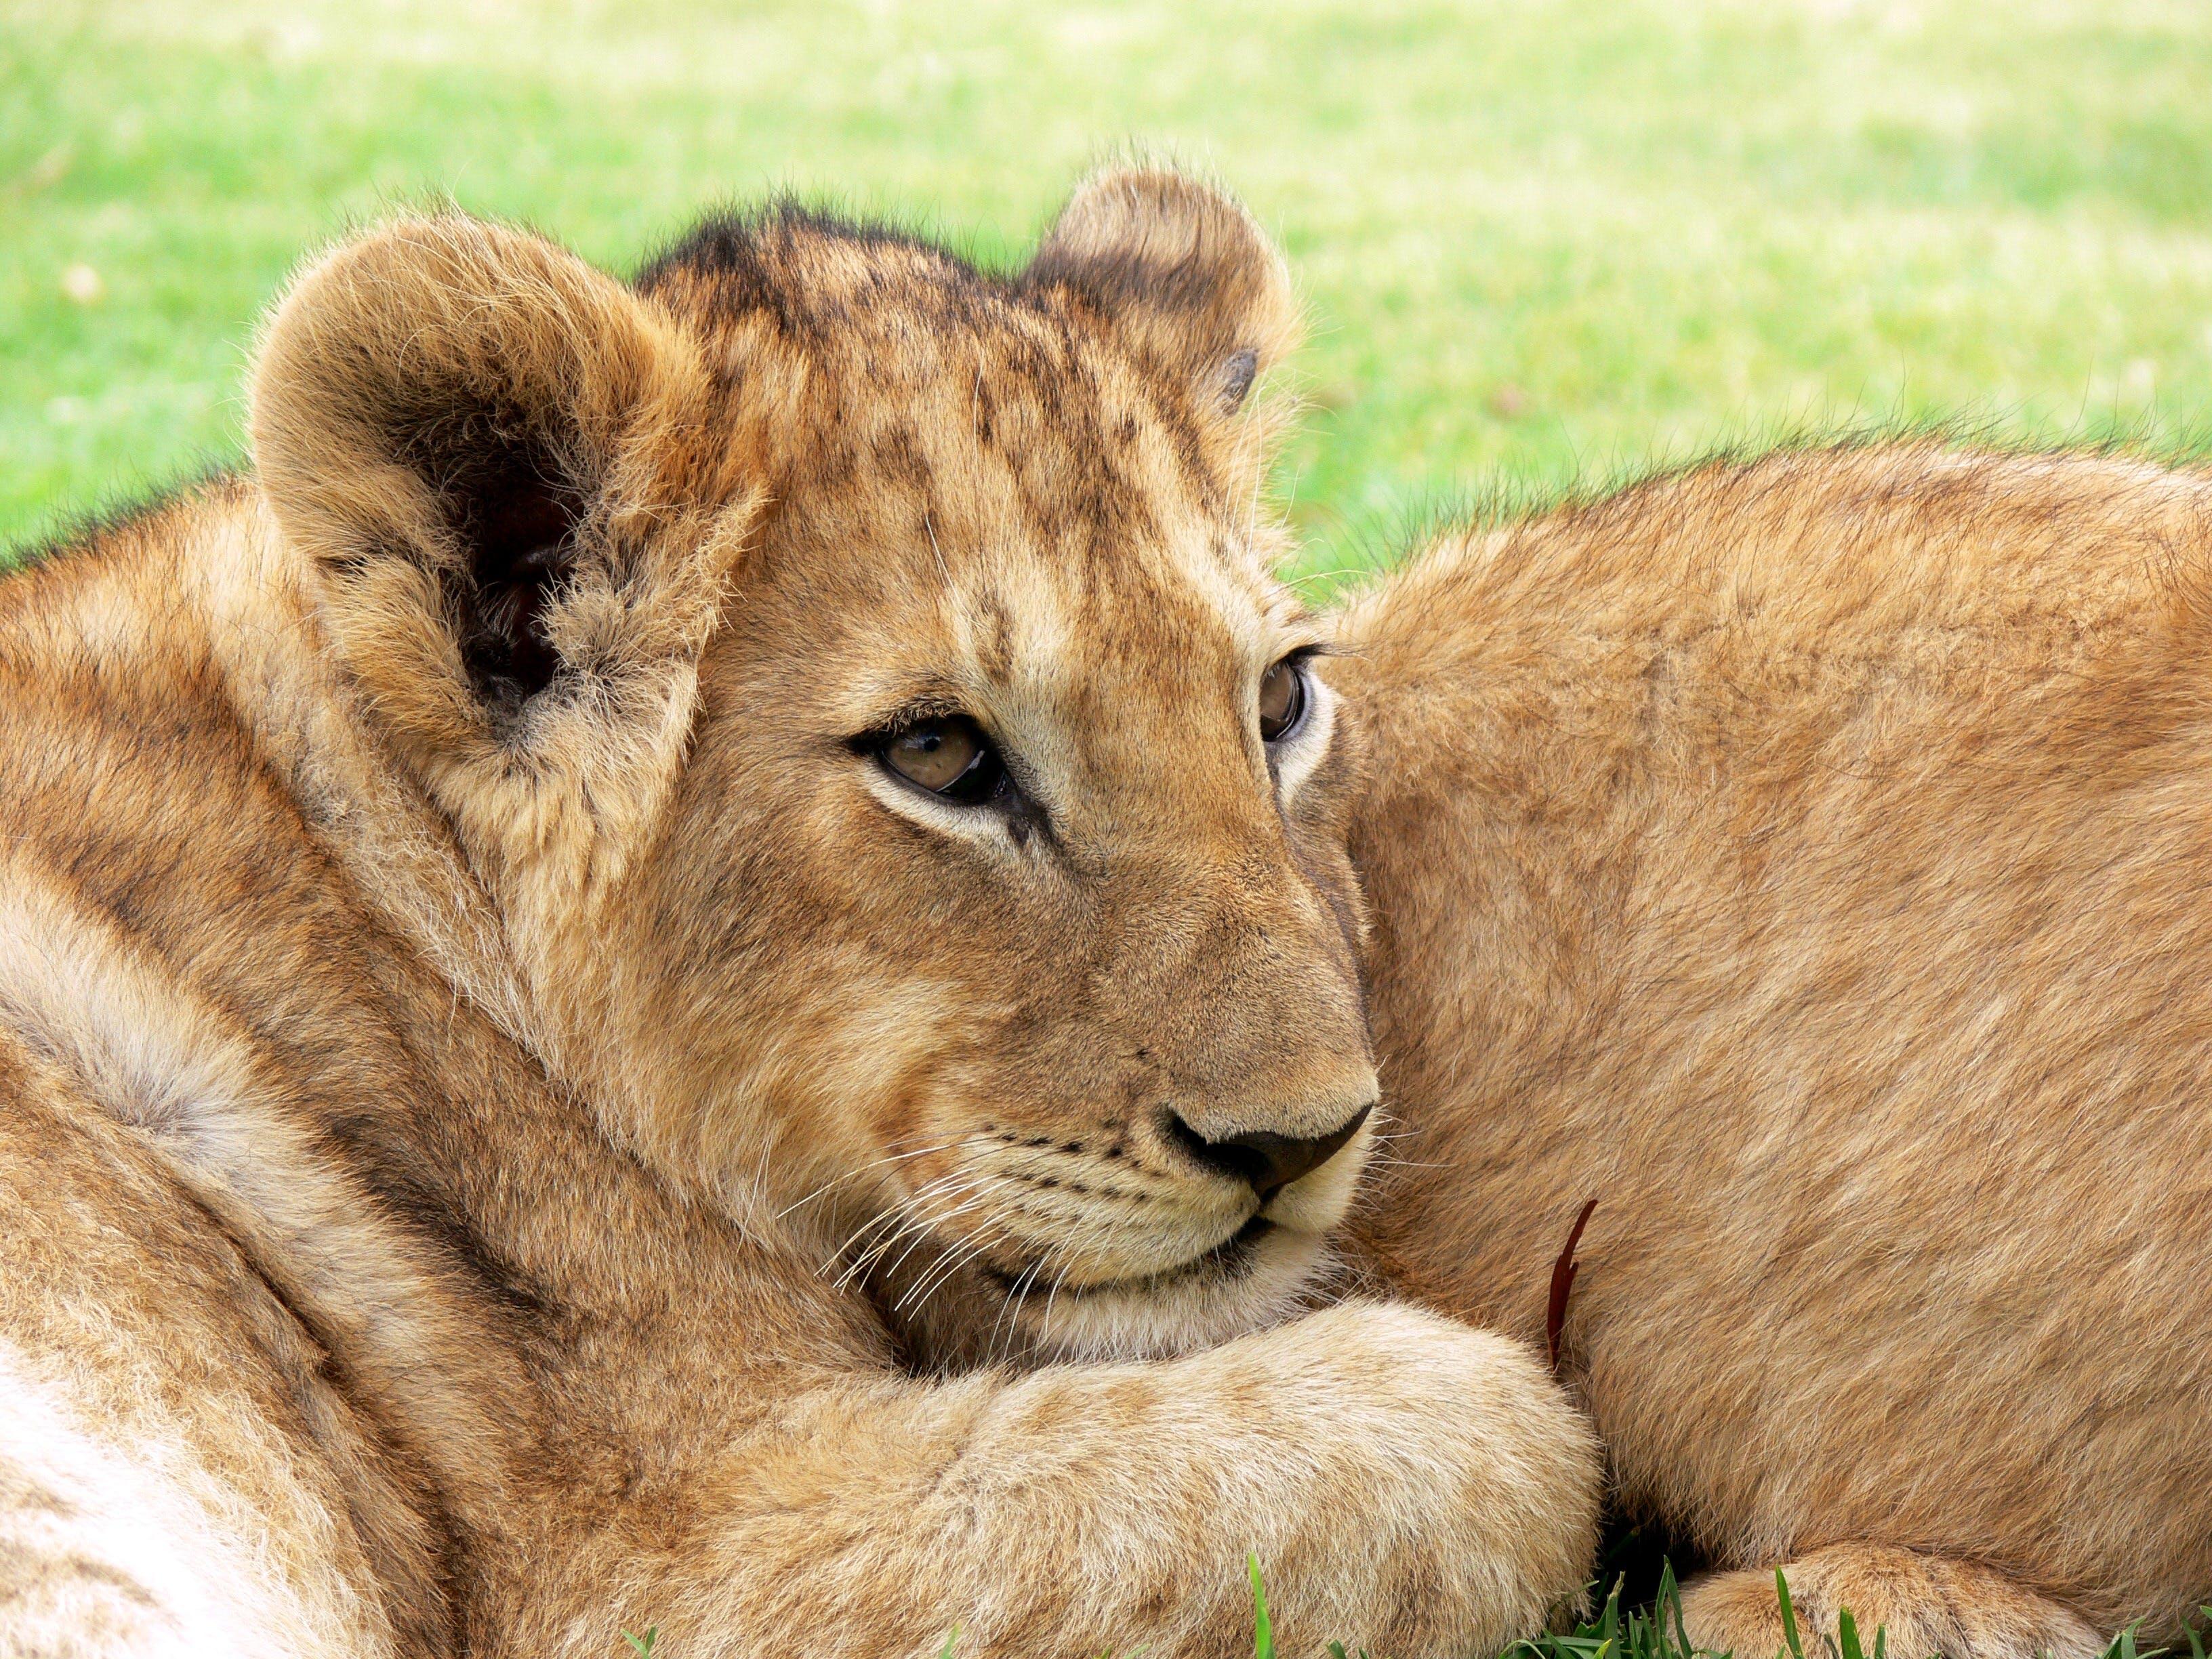 Fotos de stock gratuitas de animal, cachorro, fauna, león